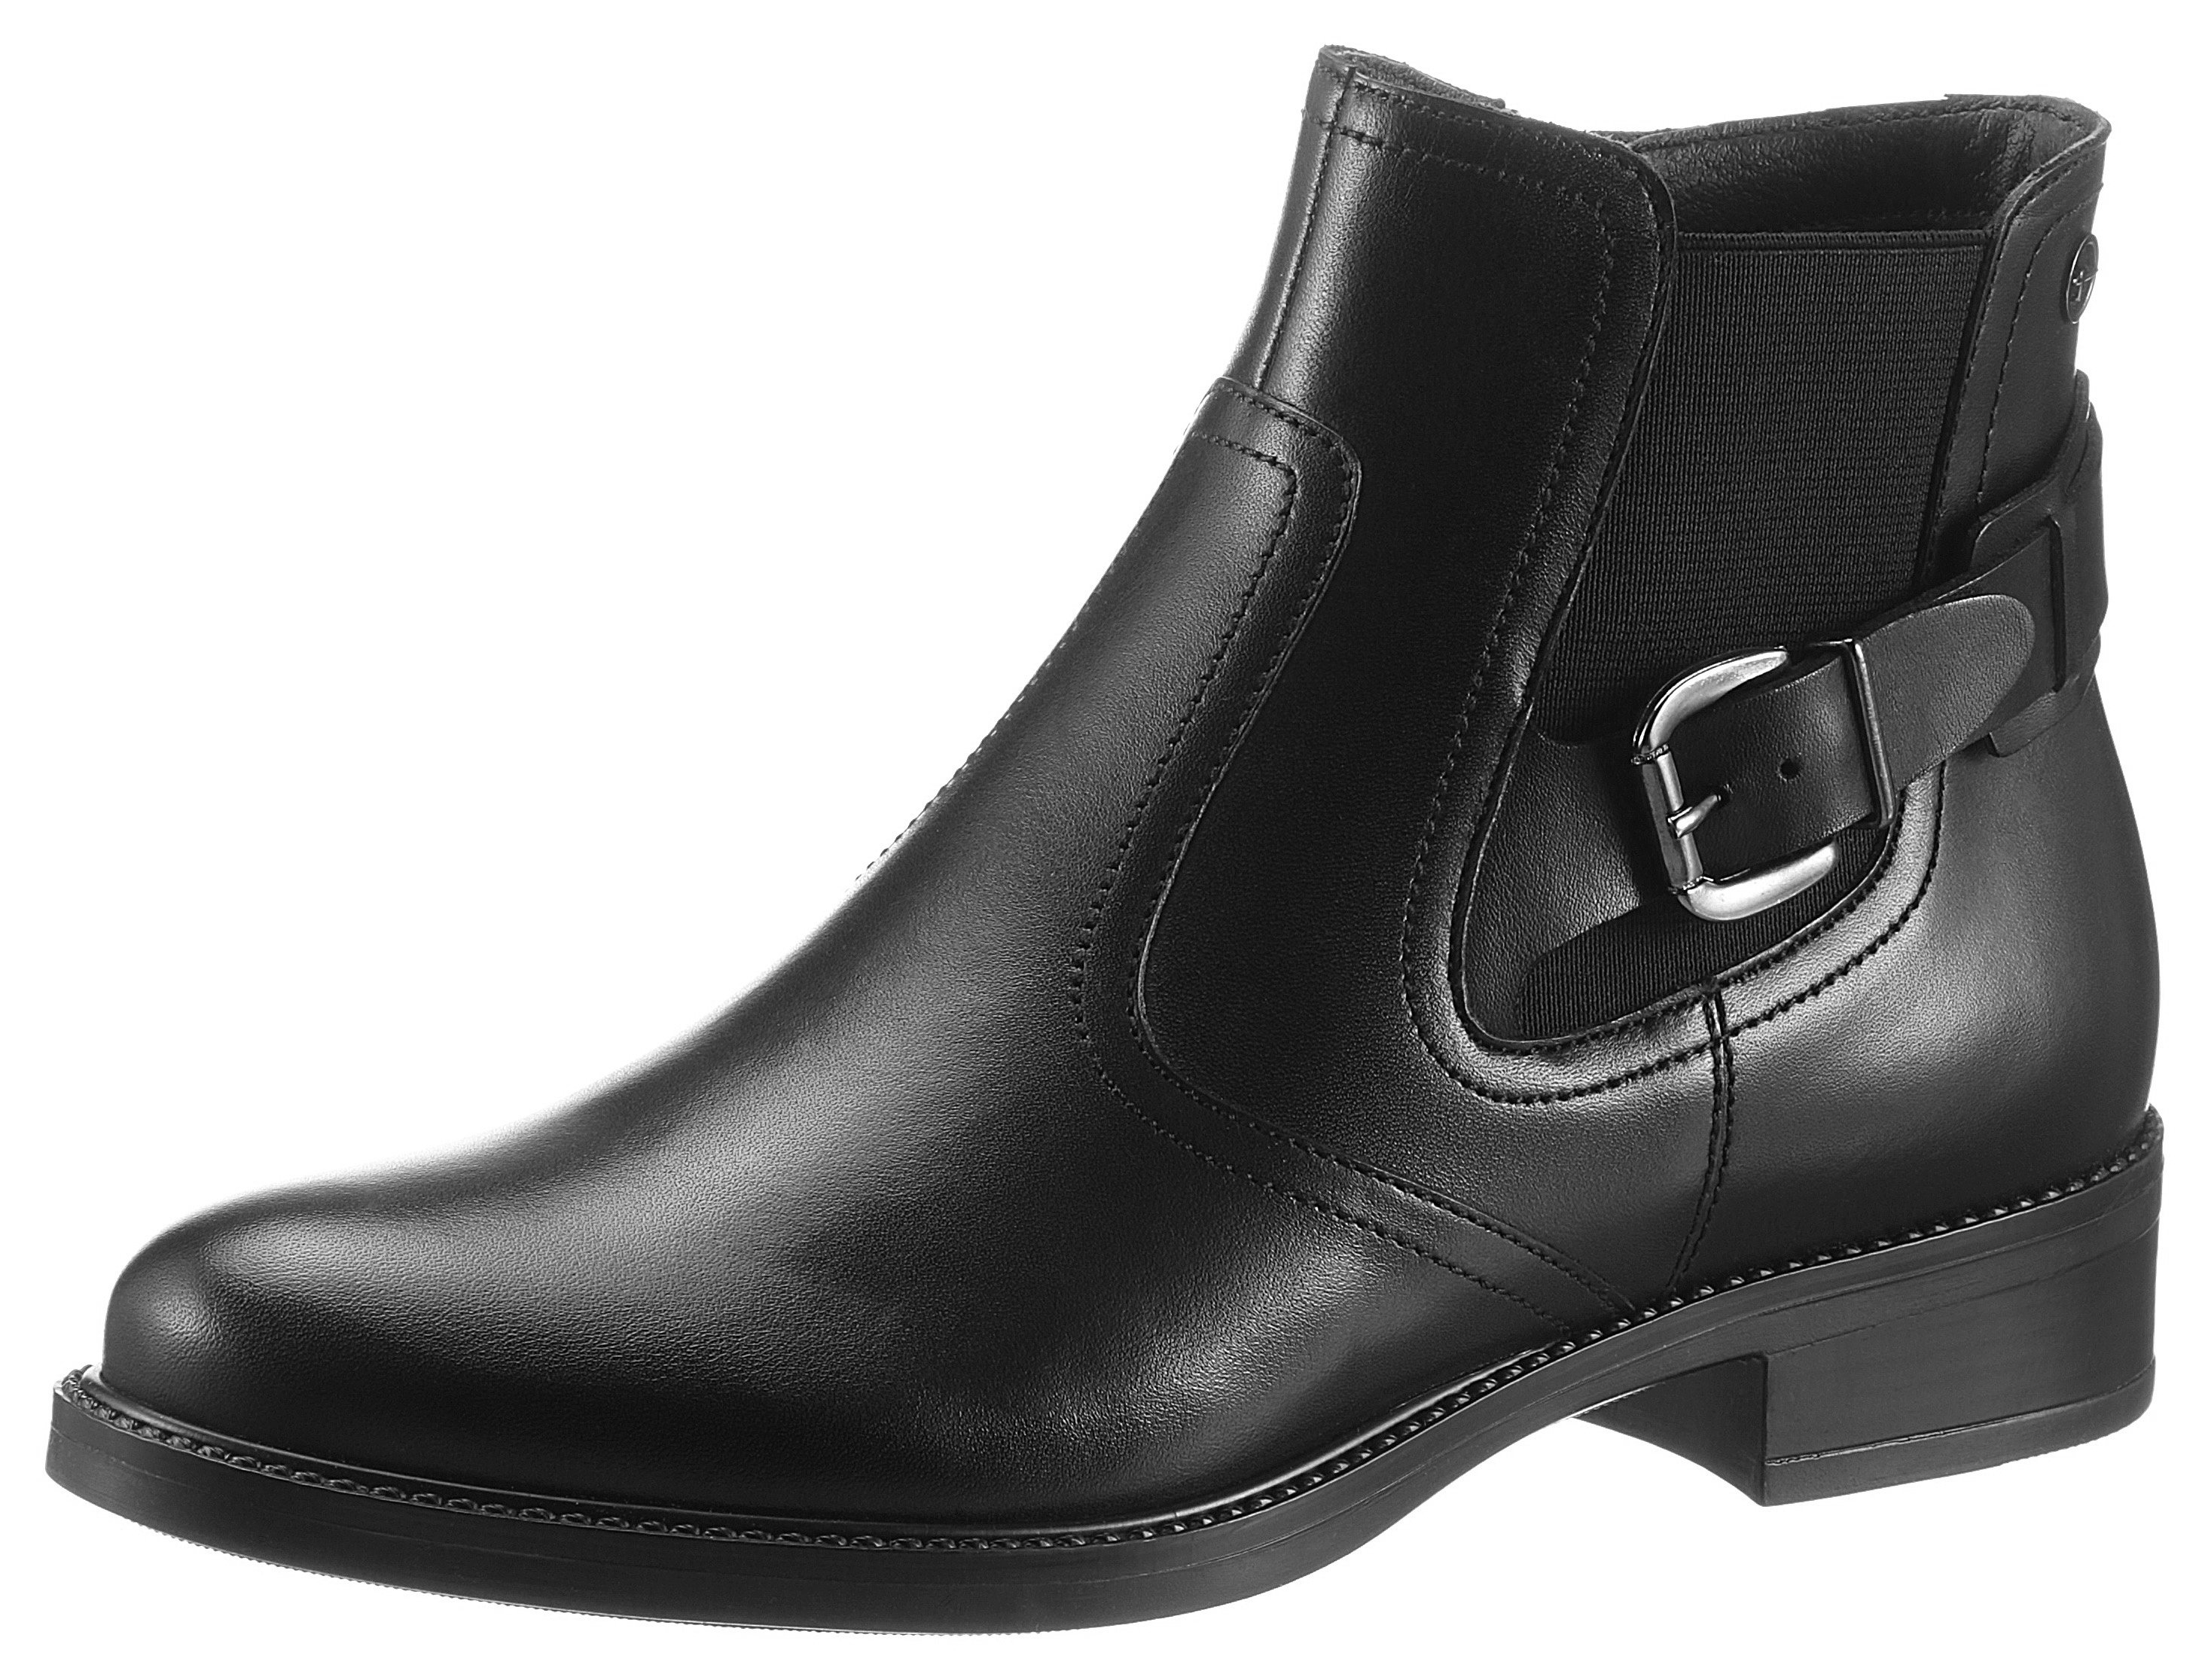 Tamaris Chelsea-boots in dandy-stijl bestellen: 30 dagen bedenktijd